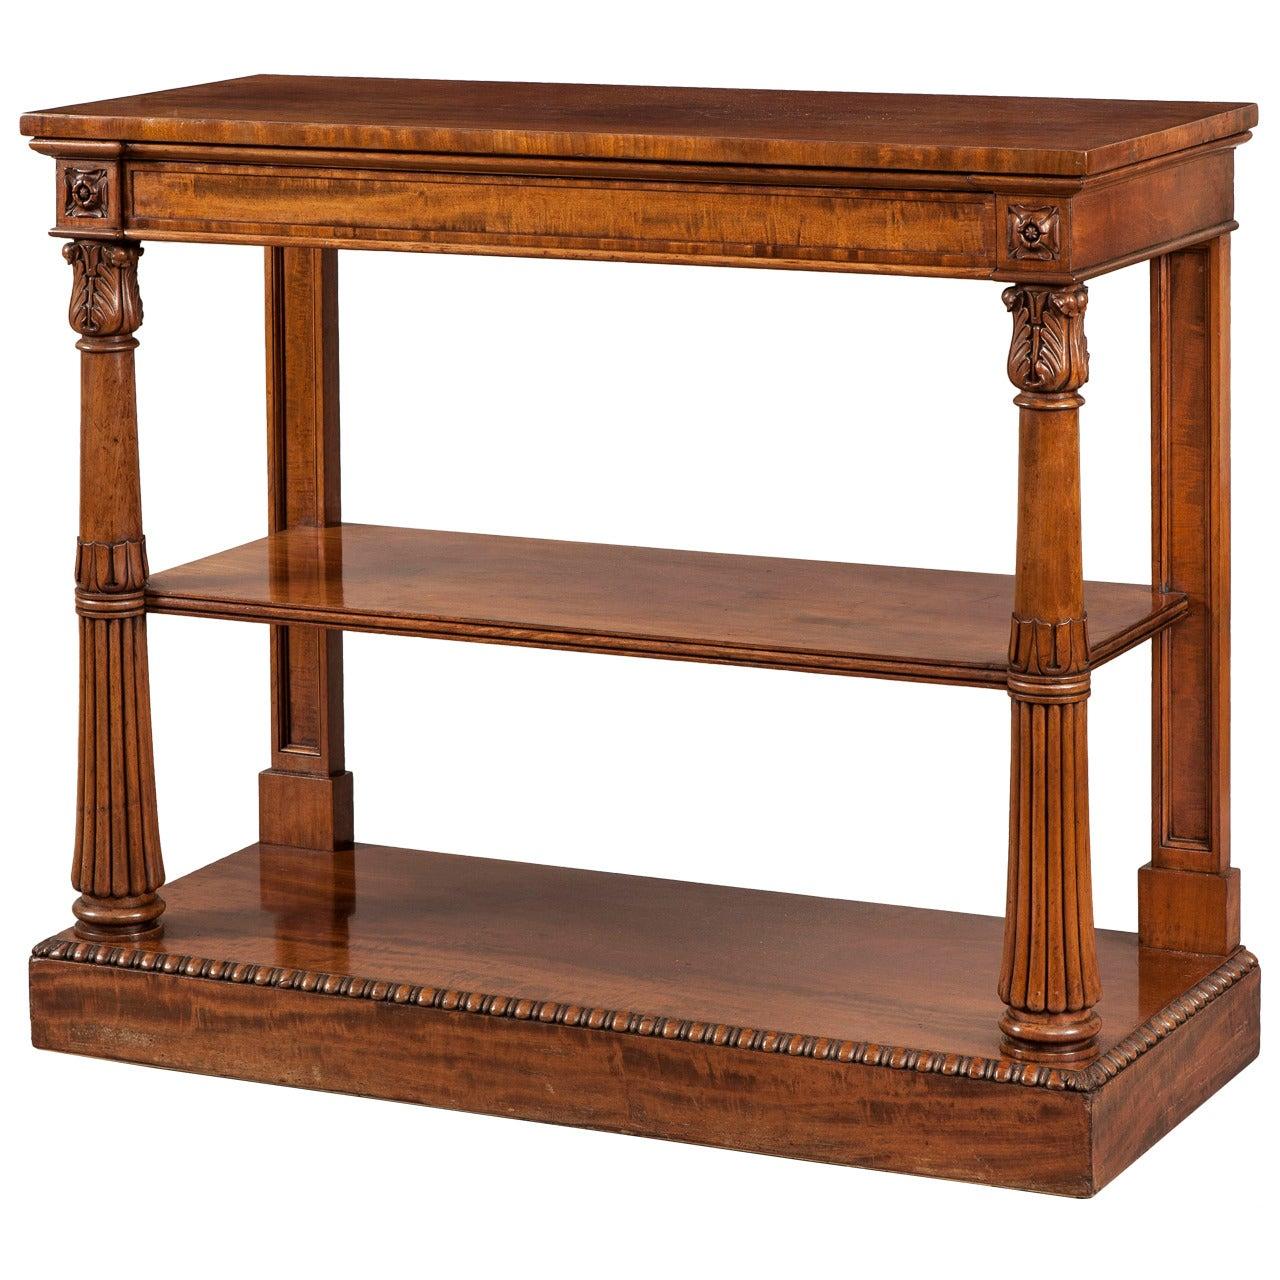 English 19th Century Mahogany Console Table